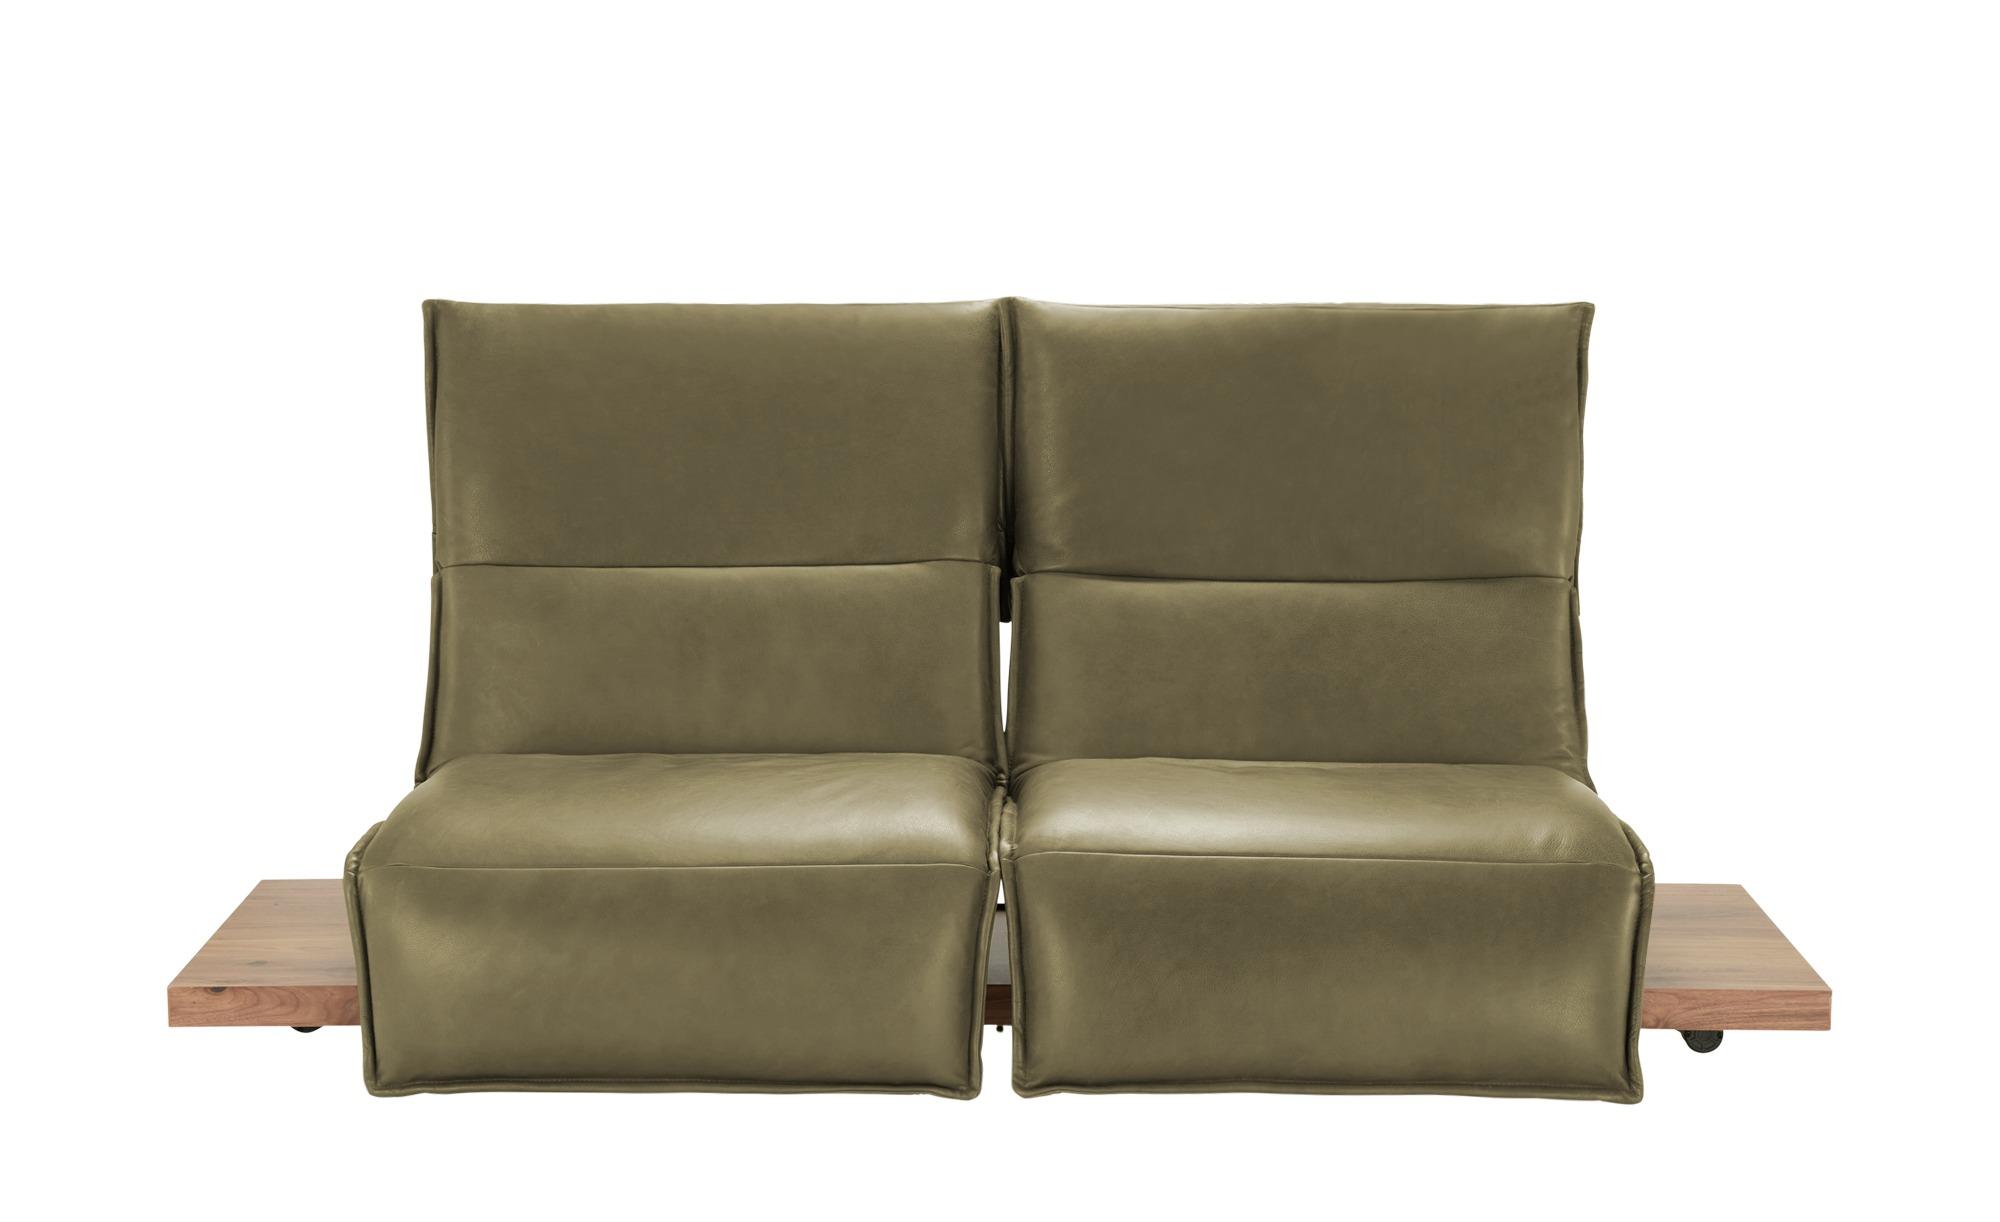 KOINOR Einzelsofa  Edit 2 ¦ grün ¦ Maße (cm): B: 240 H: 112 T: 158 Polstermöbel > Sofas > 2-Sitzer - Höffner